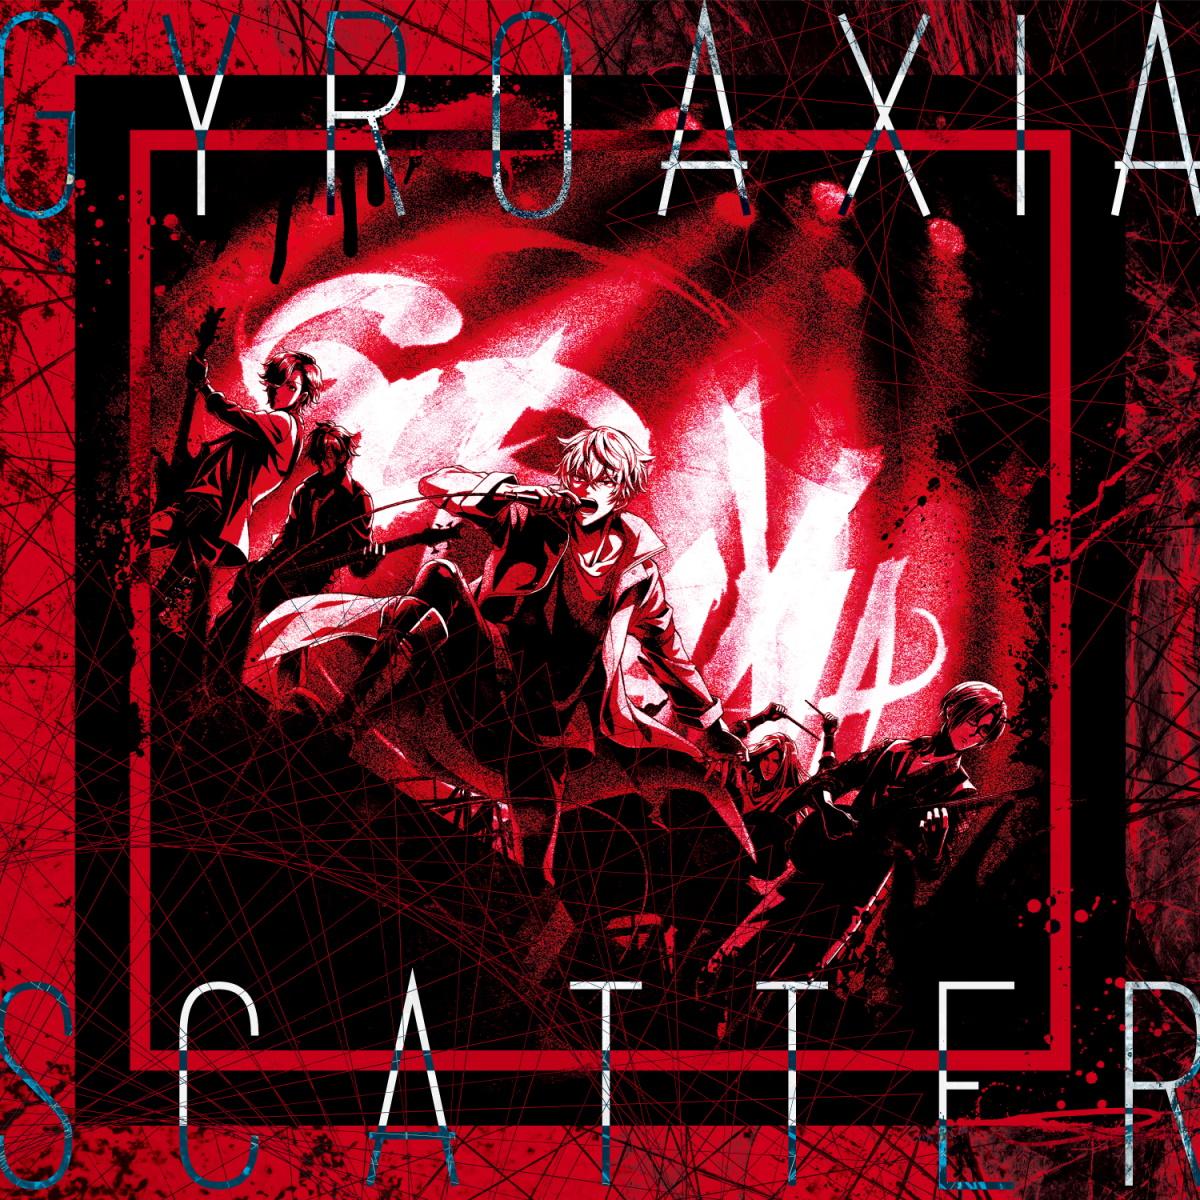 『GYROAXIA - LIAR』収録の『SCATTER』ジャケット